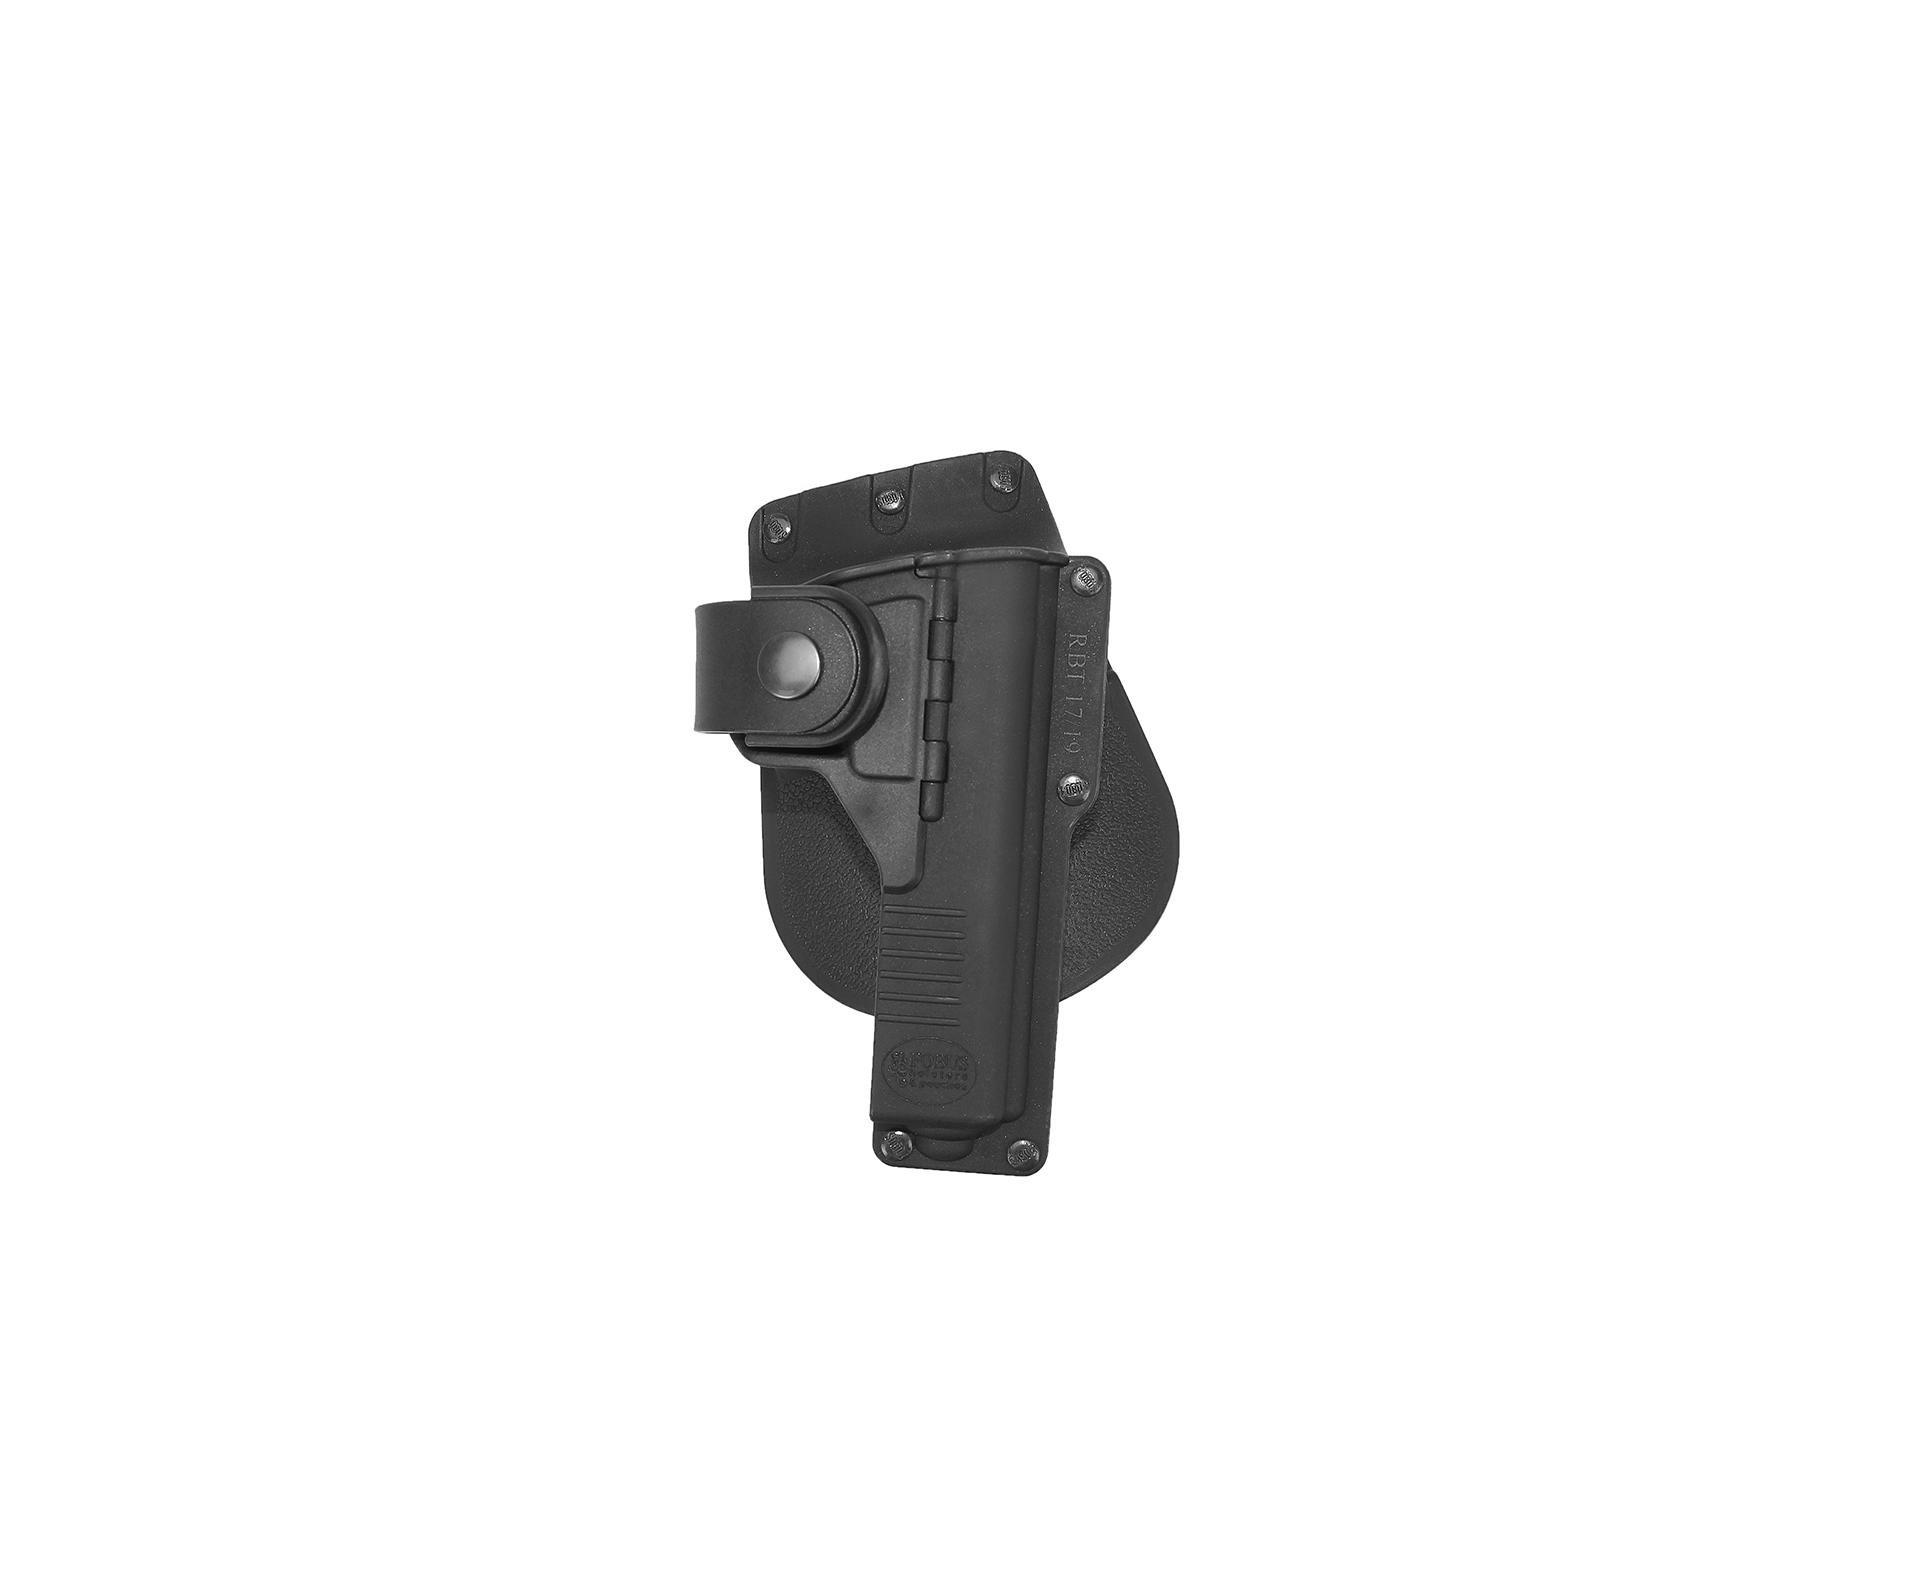 Coldre De Cintura Rbt17g Polímero Para Pst Glock 17/ 22/ 31 C/ Suporte Luneta - Fobus